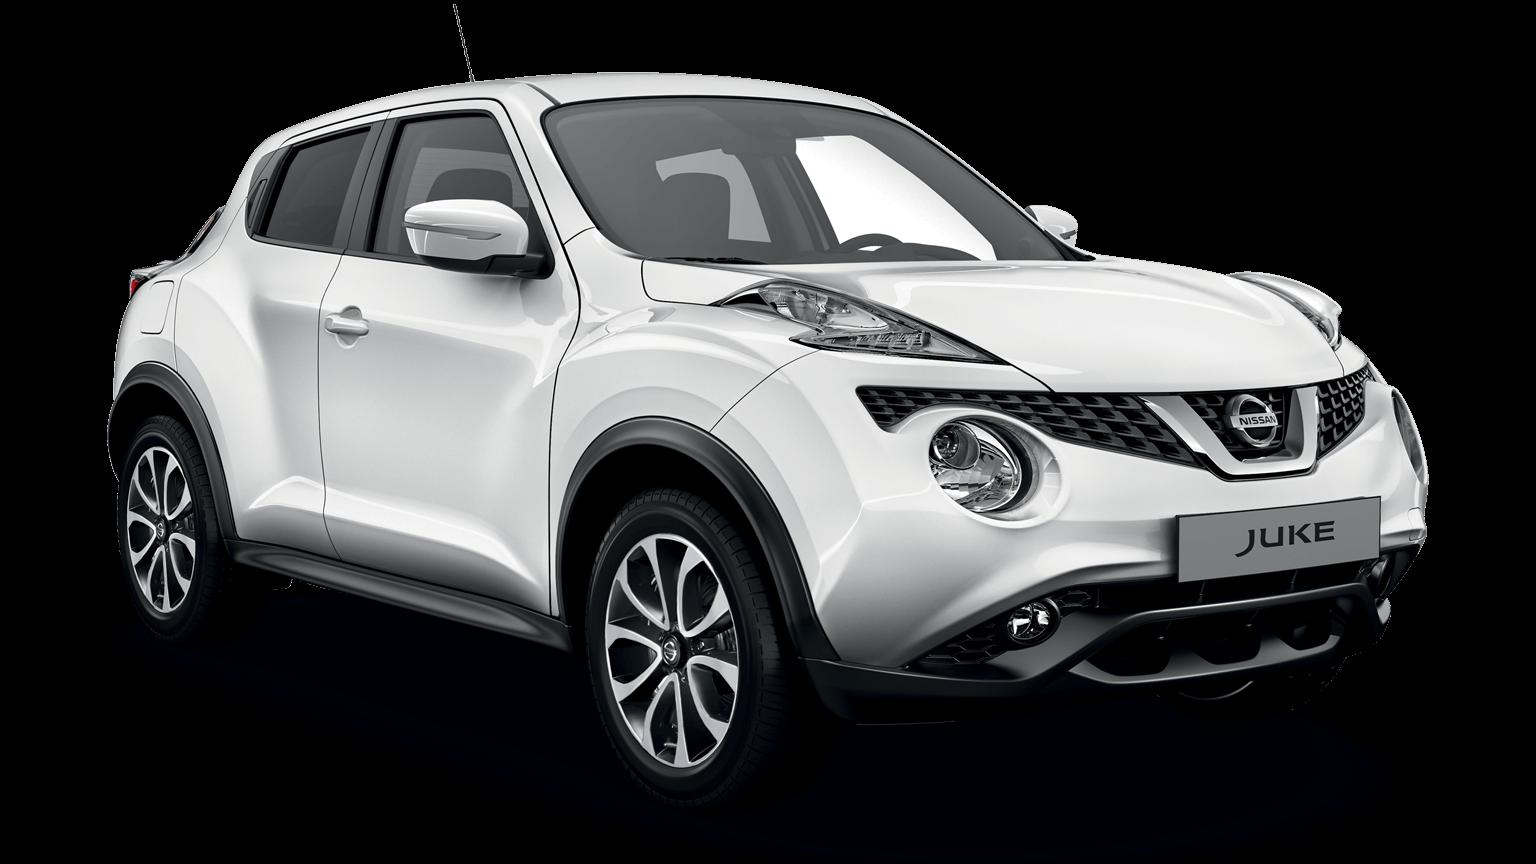 Nissan Intelligent Key >> Nissan Juke Uitvoeringen - Bochane Groep